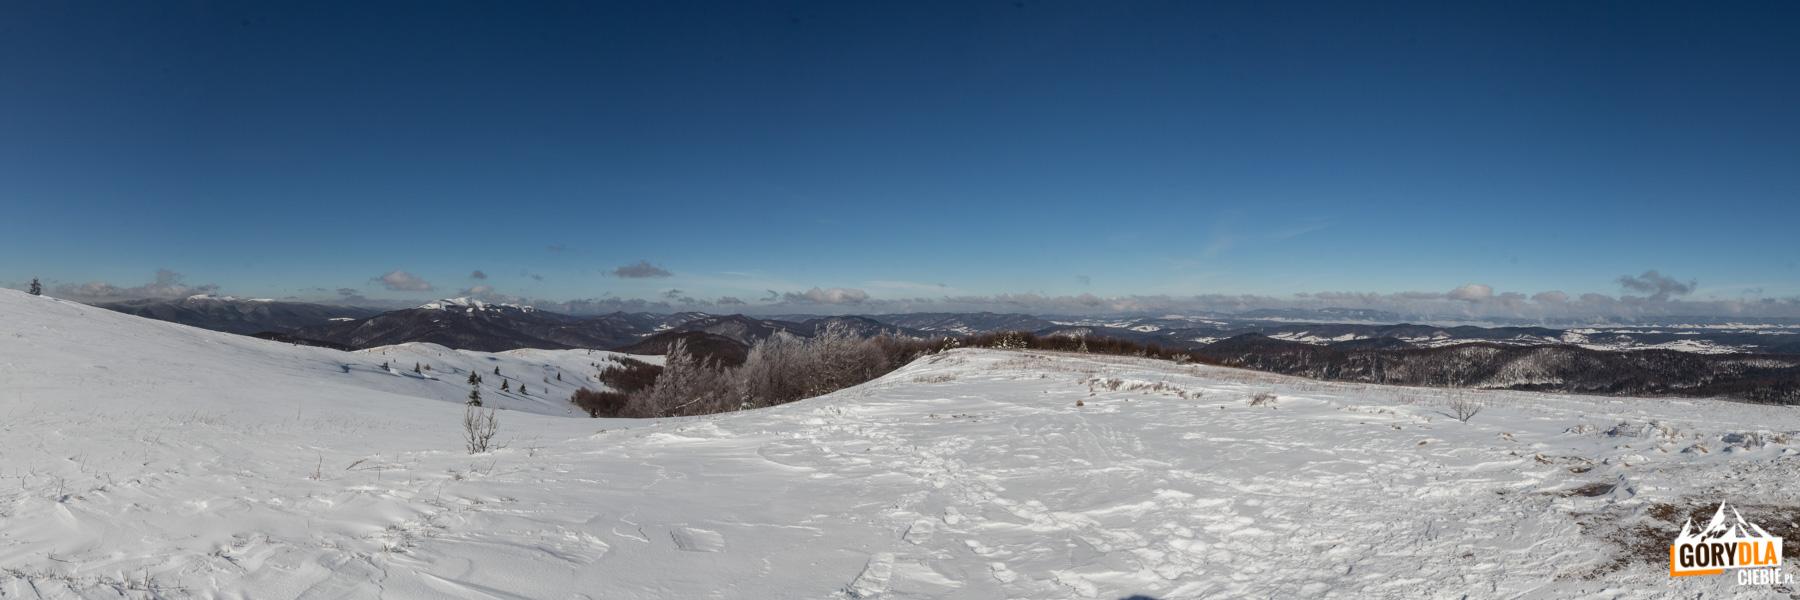 Pierwsze widoki po wyjściu na grań poniżej Szołtynii (1201 m)